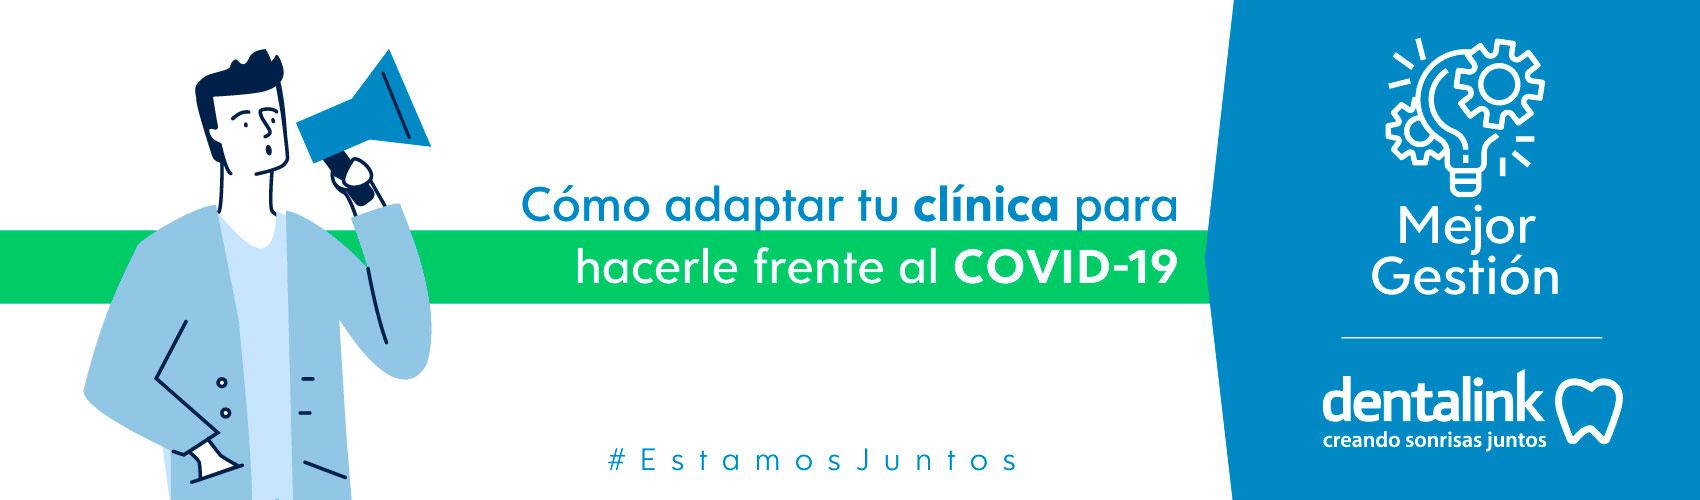 Cómo adaptar tu clínica para hacerle frente al COVID-19